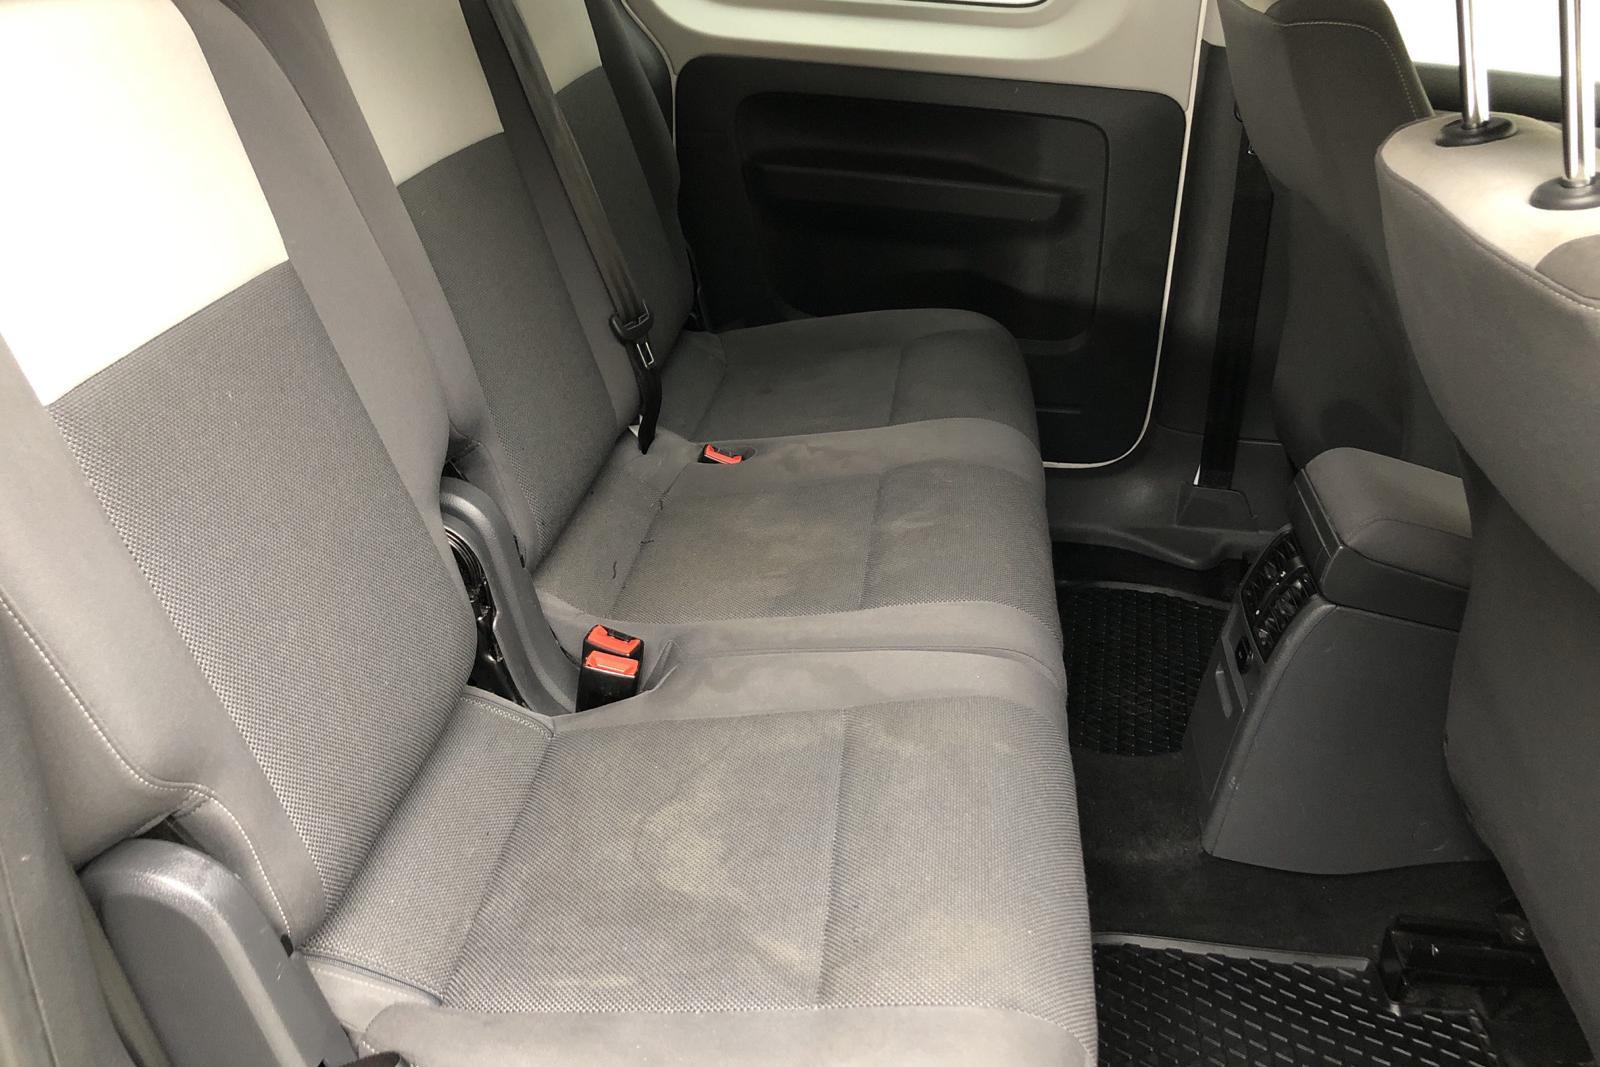 VW Caddy MPV Life 1.6 TDI (102hk) - 0 mil - Manuell - vit - 2014